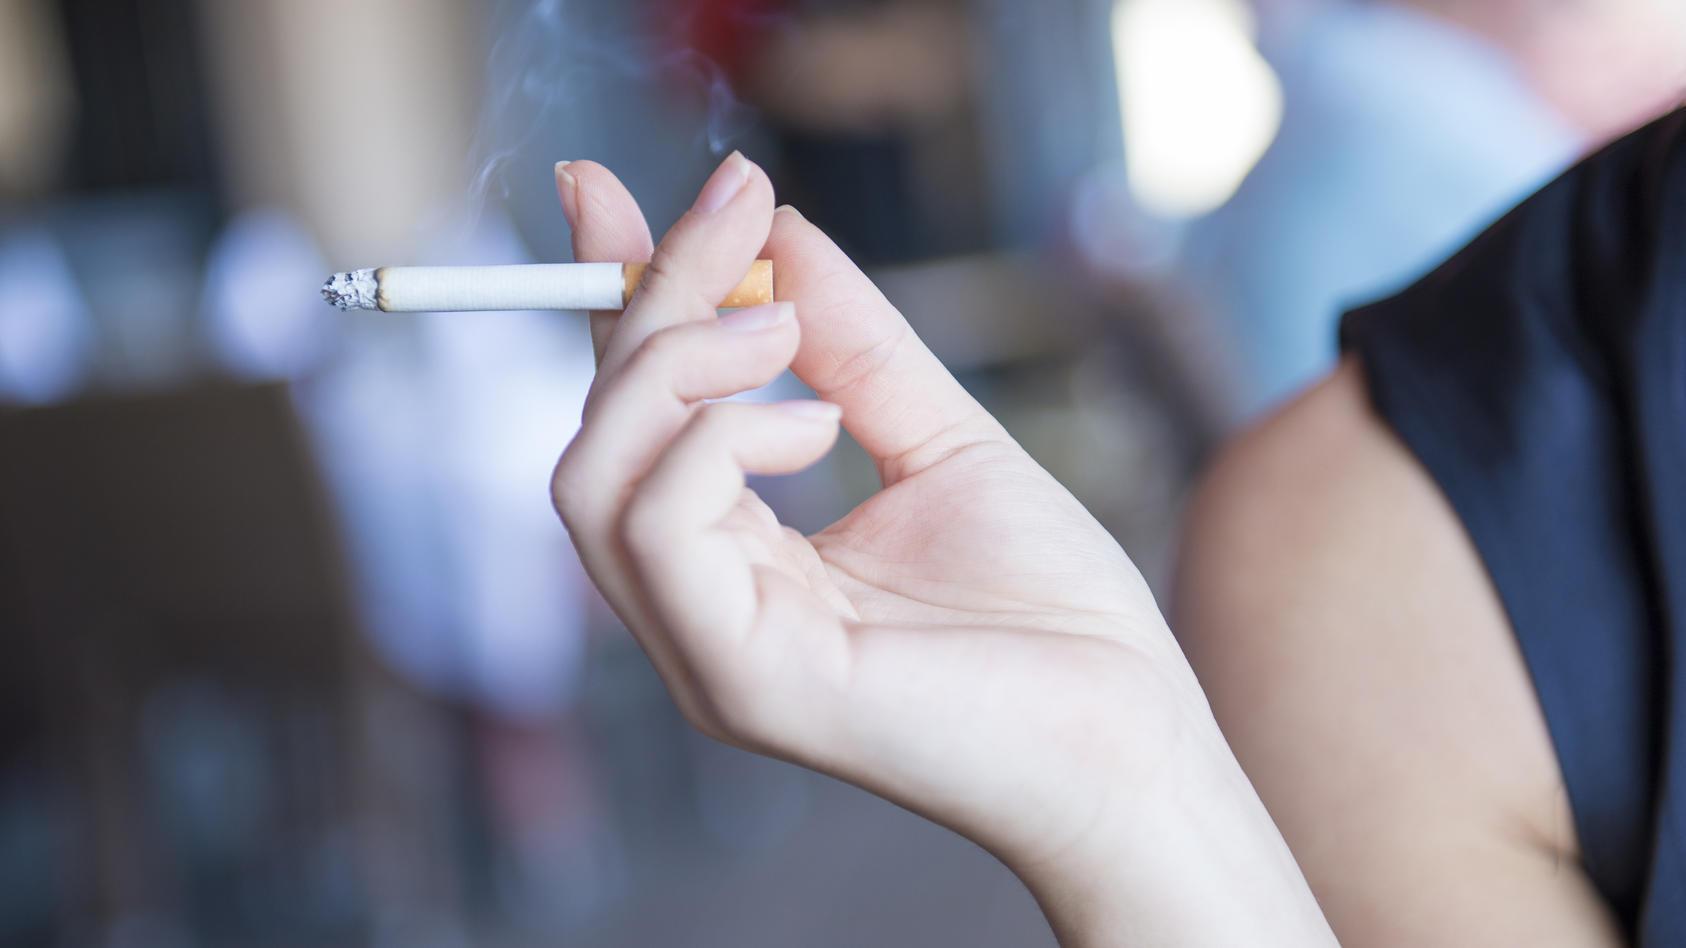 Laut einer französischen Studie sind unter den untersuchten COVID-19-Patienten nur wenige Raucher.